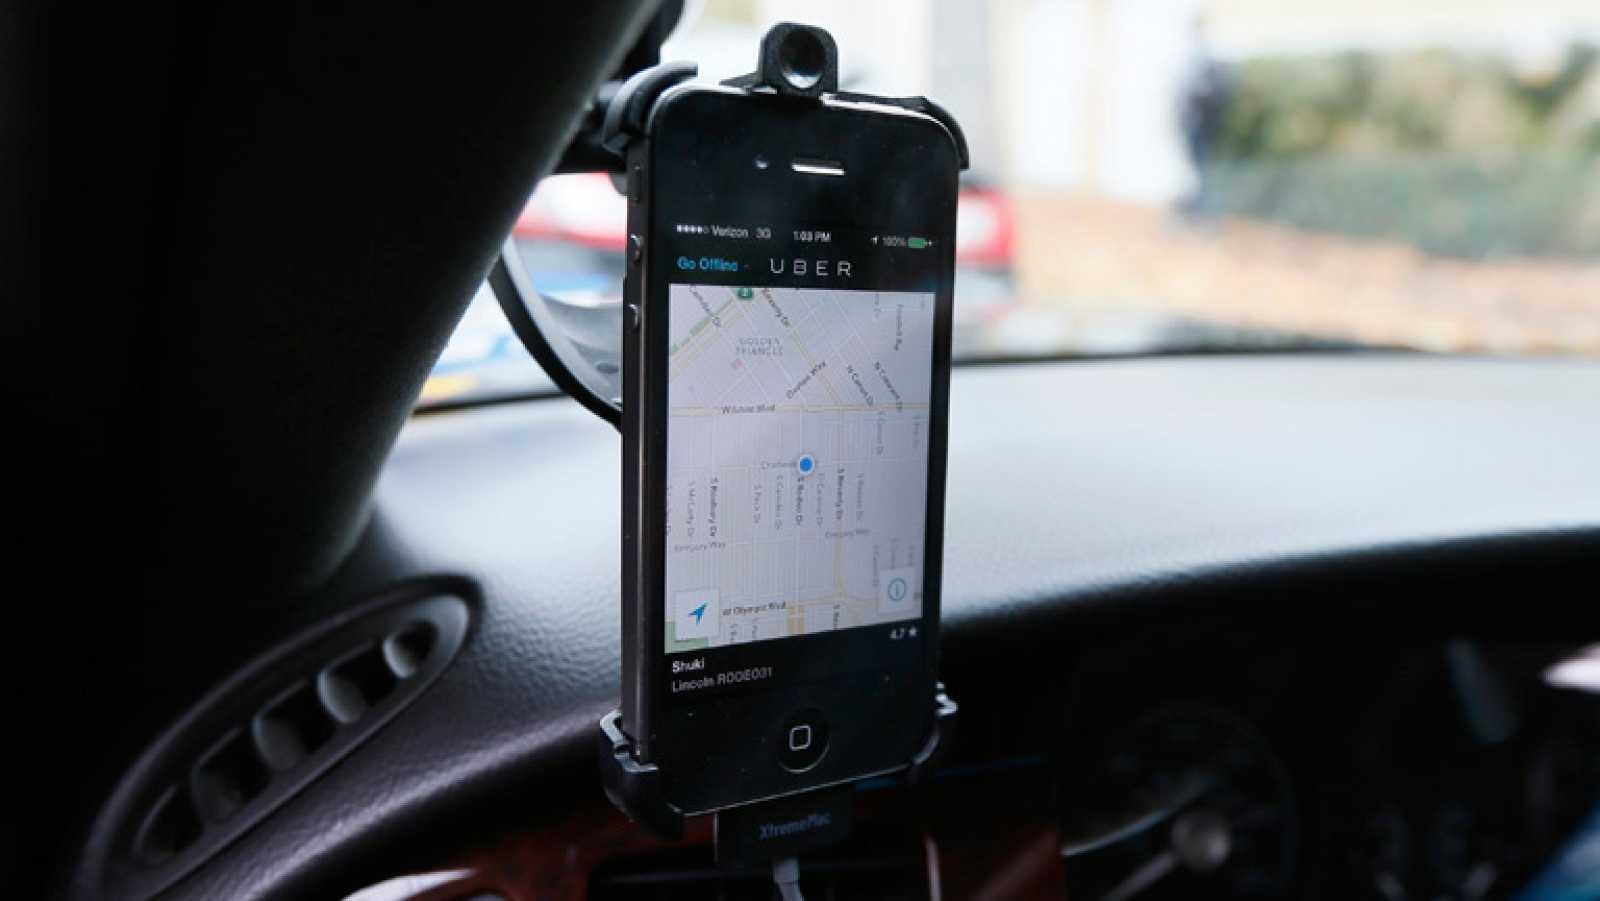 Uber mantiene contactos con las autoridades para clarificar su situación